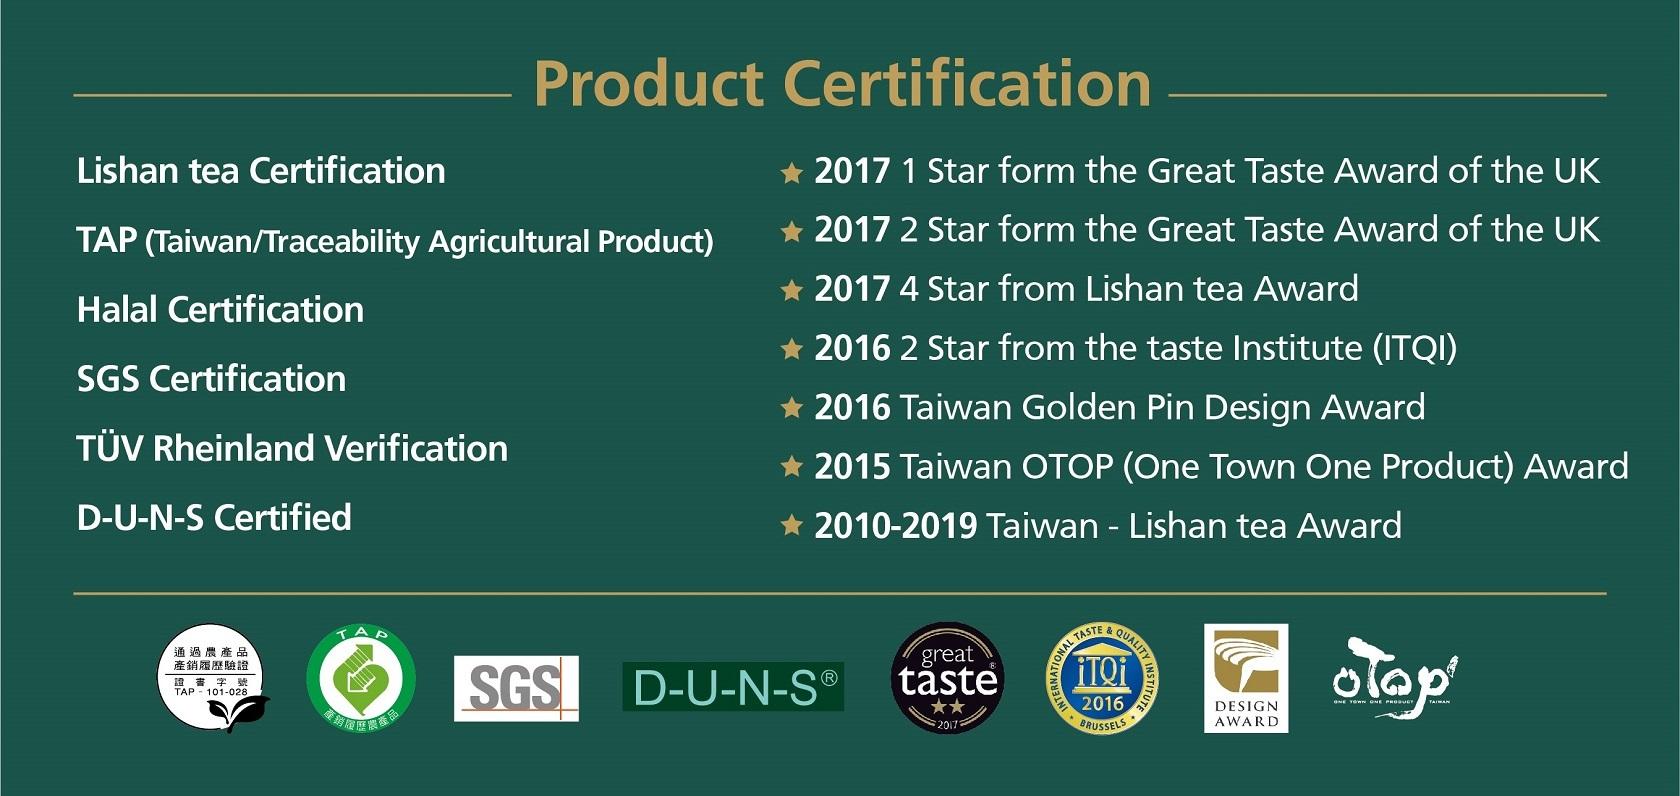 安心宣言 – 產品認證